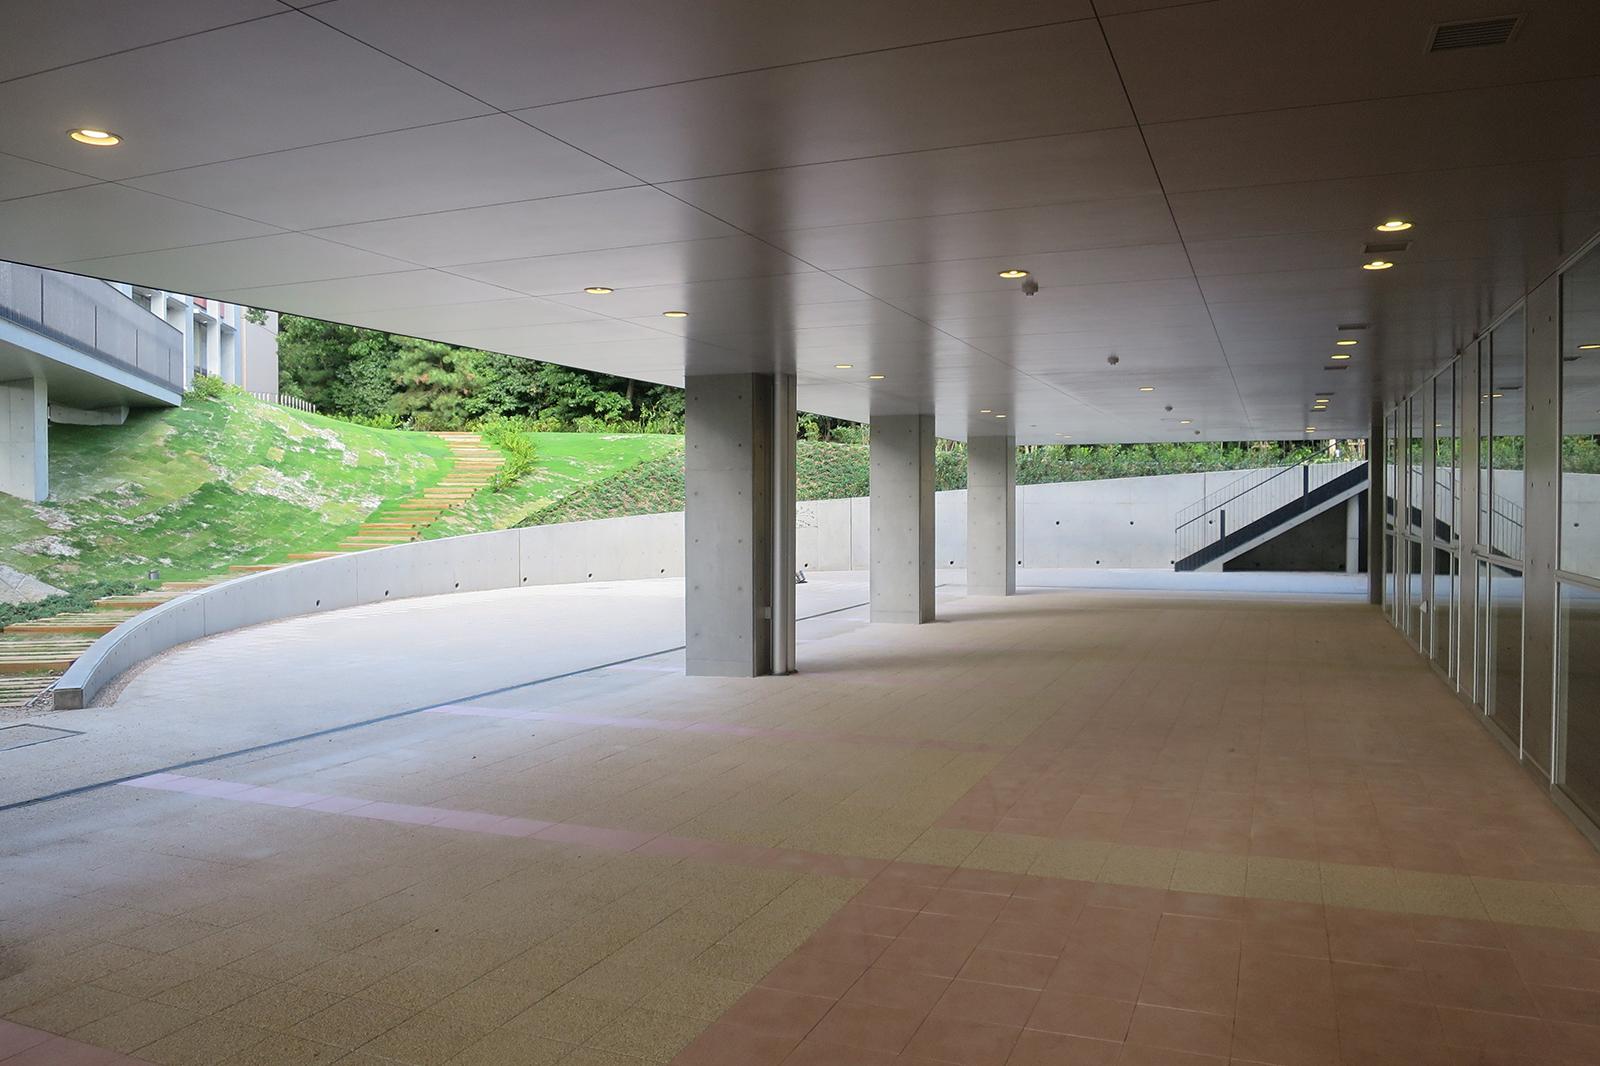 南山大学 名古屋キャンパス 食堂棟リアン